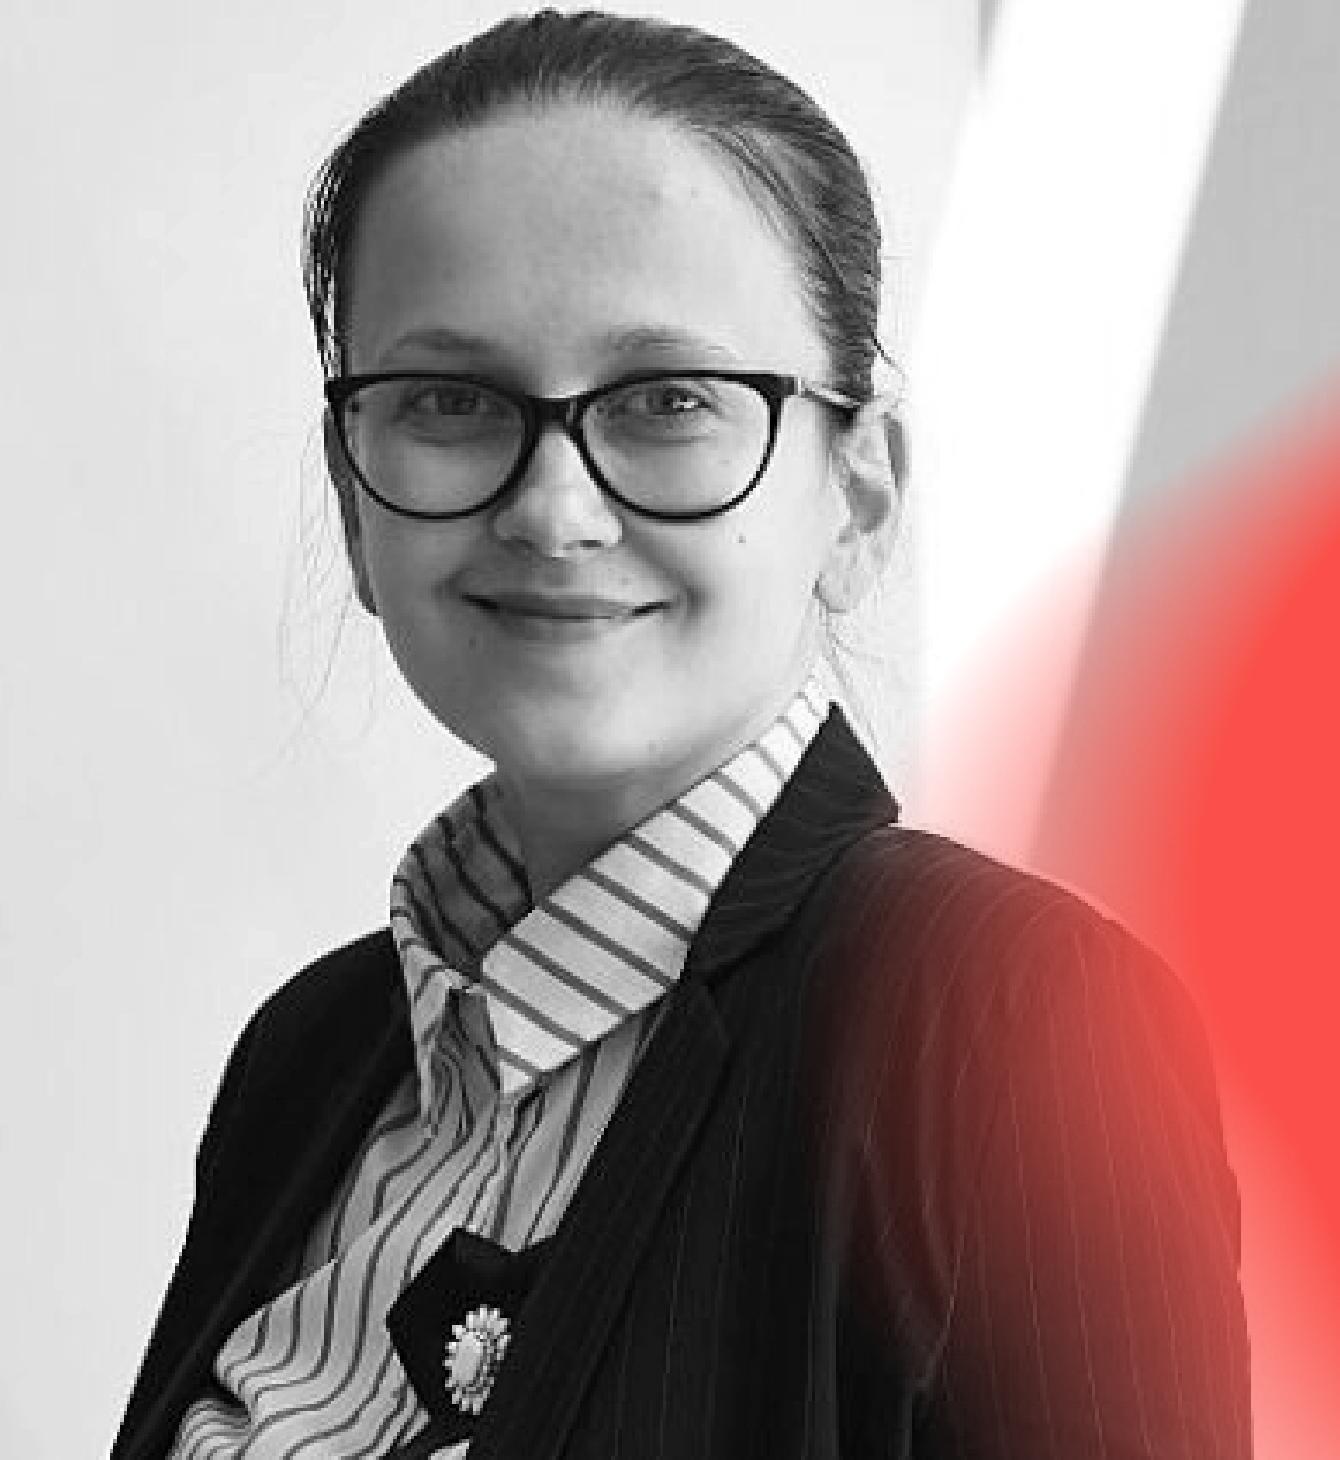 Agata Mankeliūnienė